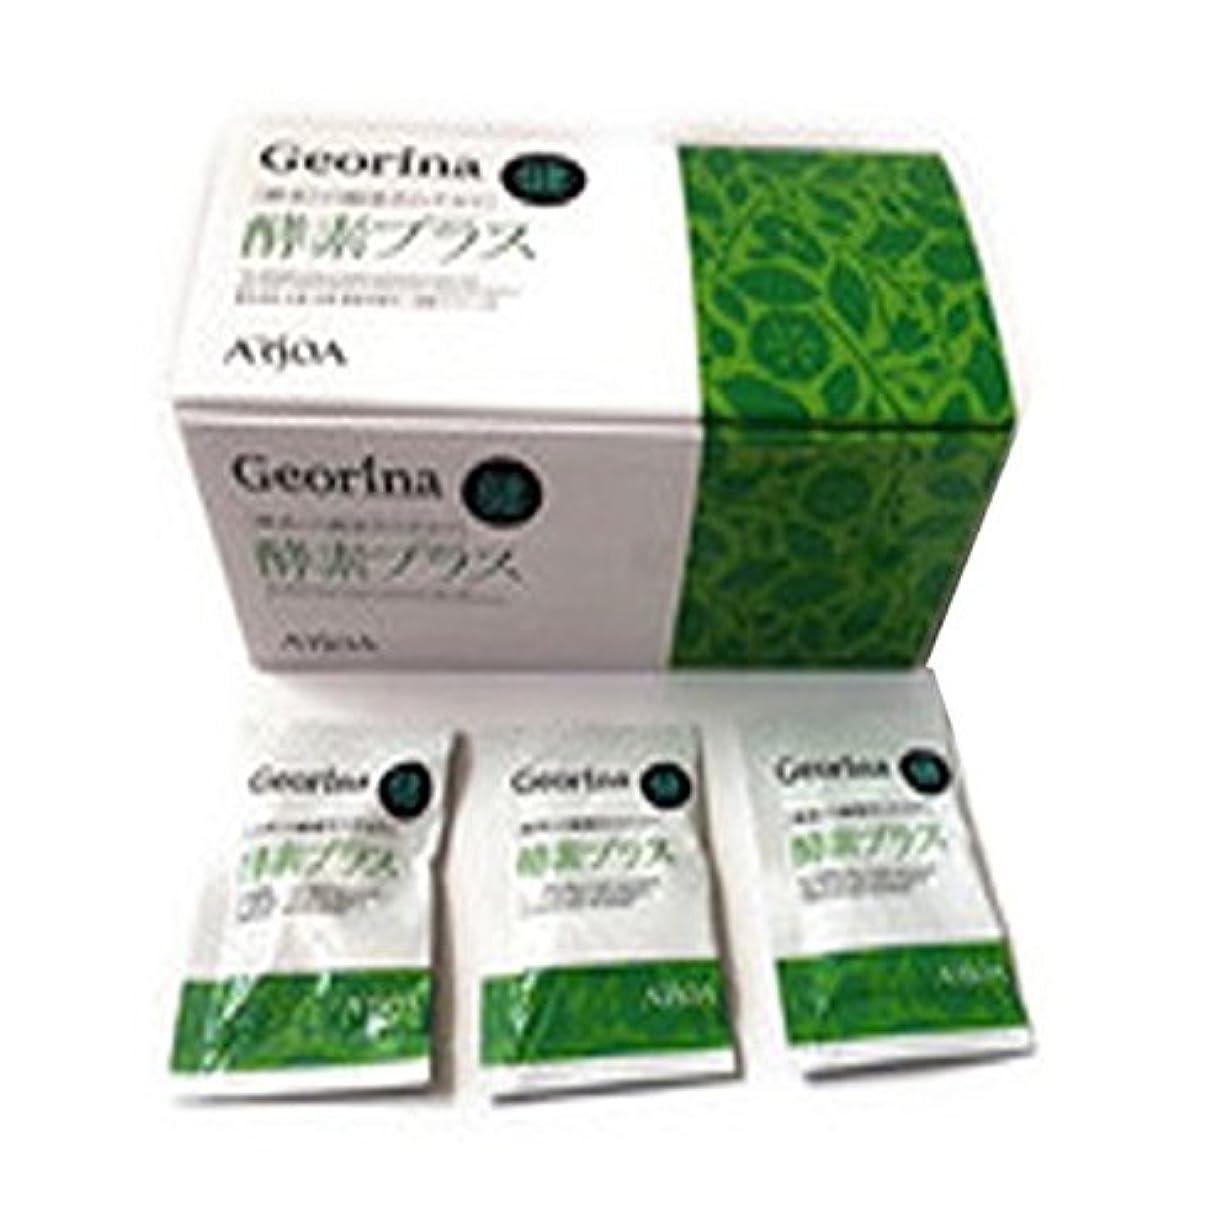 住人肌熱狂的なARSOA(アルソア) ジオリナ 酵素プラス/レギュラー36g